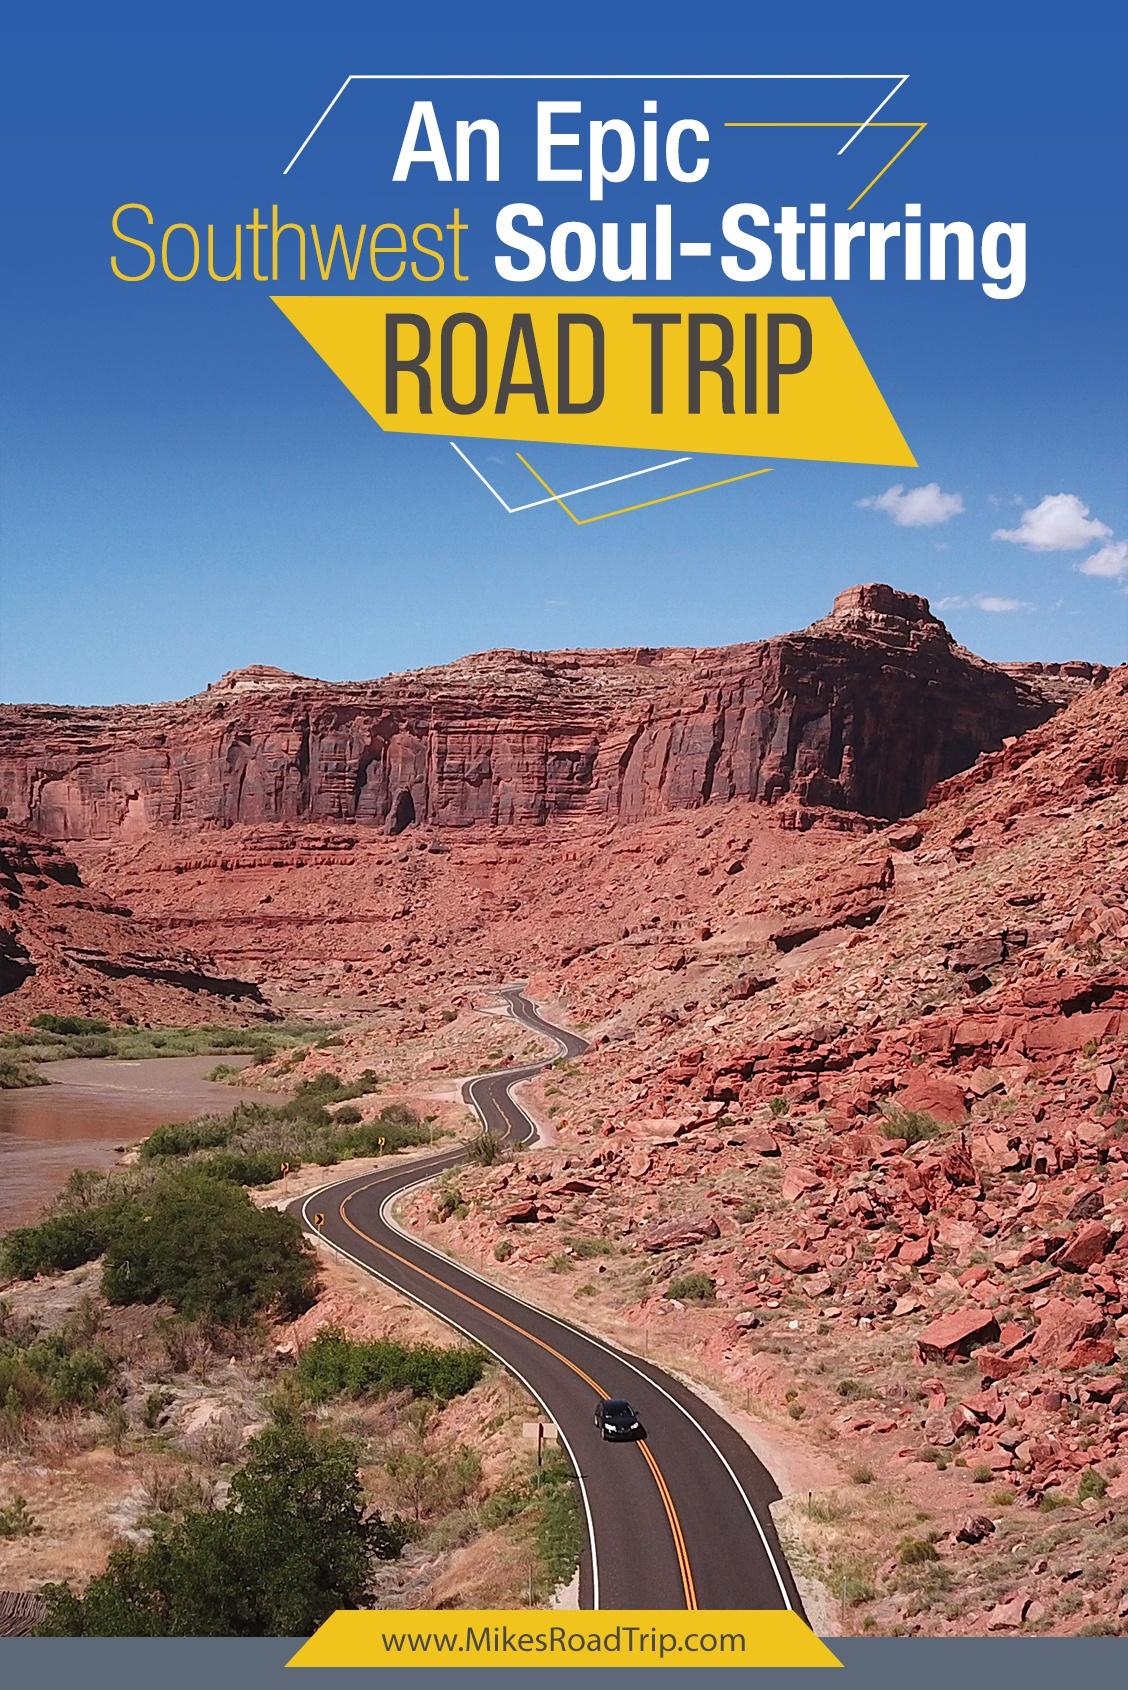 A guide to a Southwest Road Trip by MikesRoadTrip.com